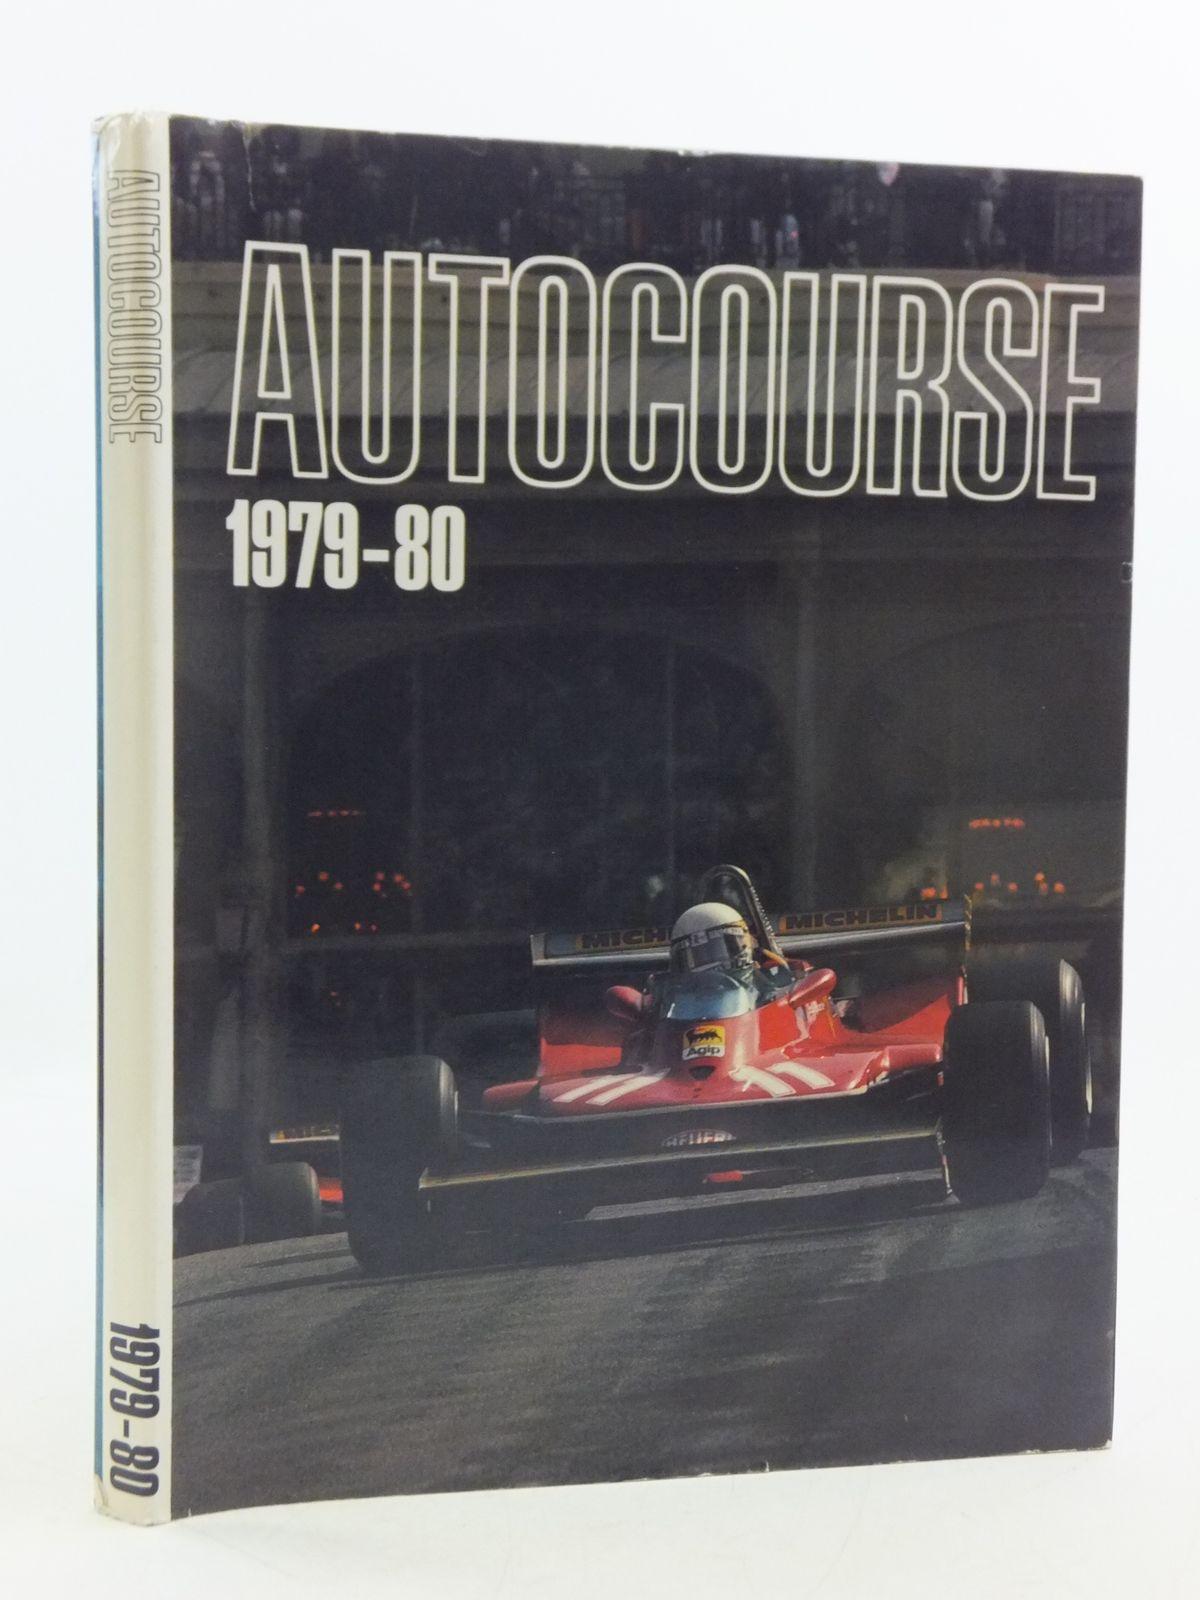 Autocourse 2011-2012 Exclusive Edition